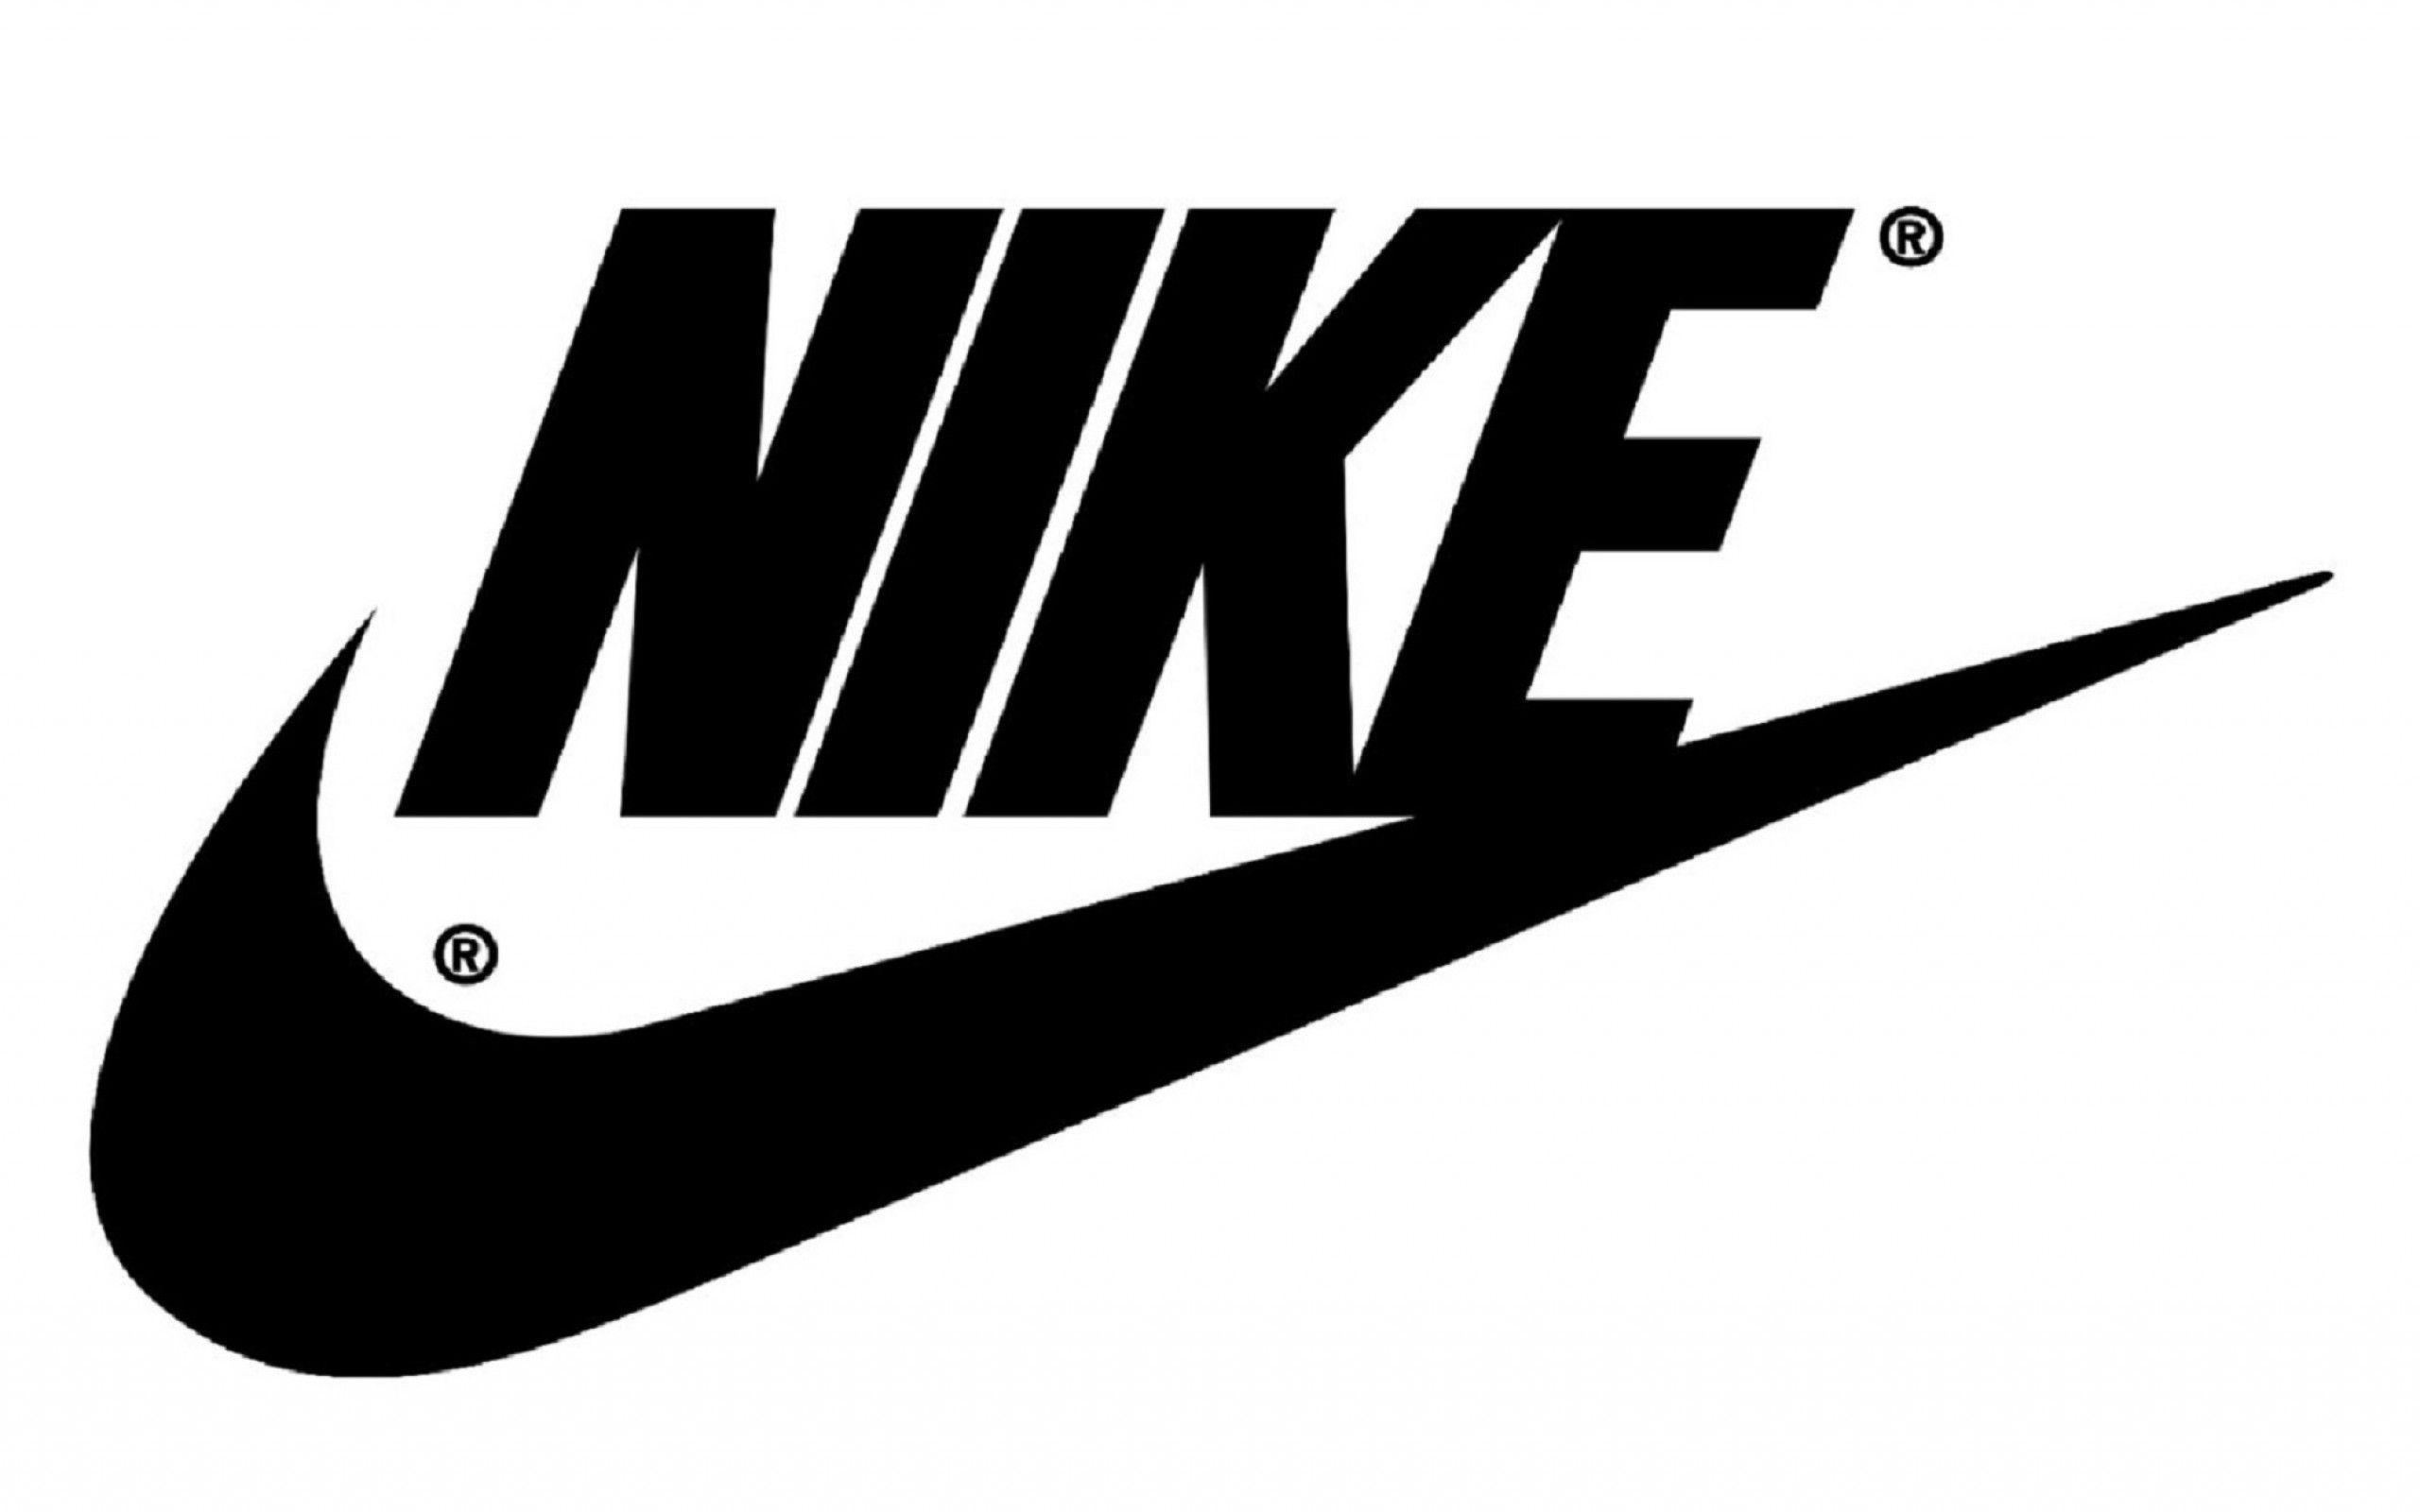 zapatillas de deporte para baratas 100% de satisfacción Calidad superior logos de marcas deportivas del mundo - Buscar con Google ...